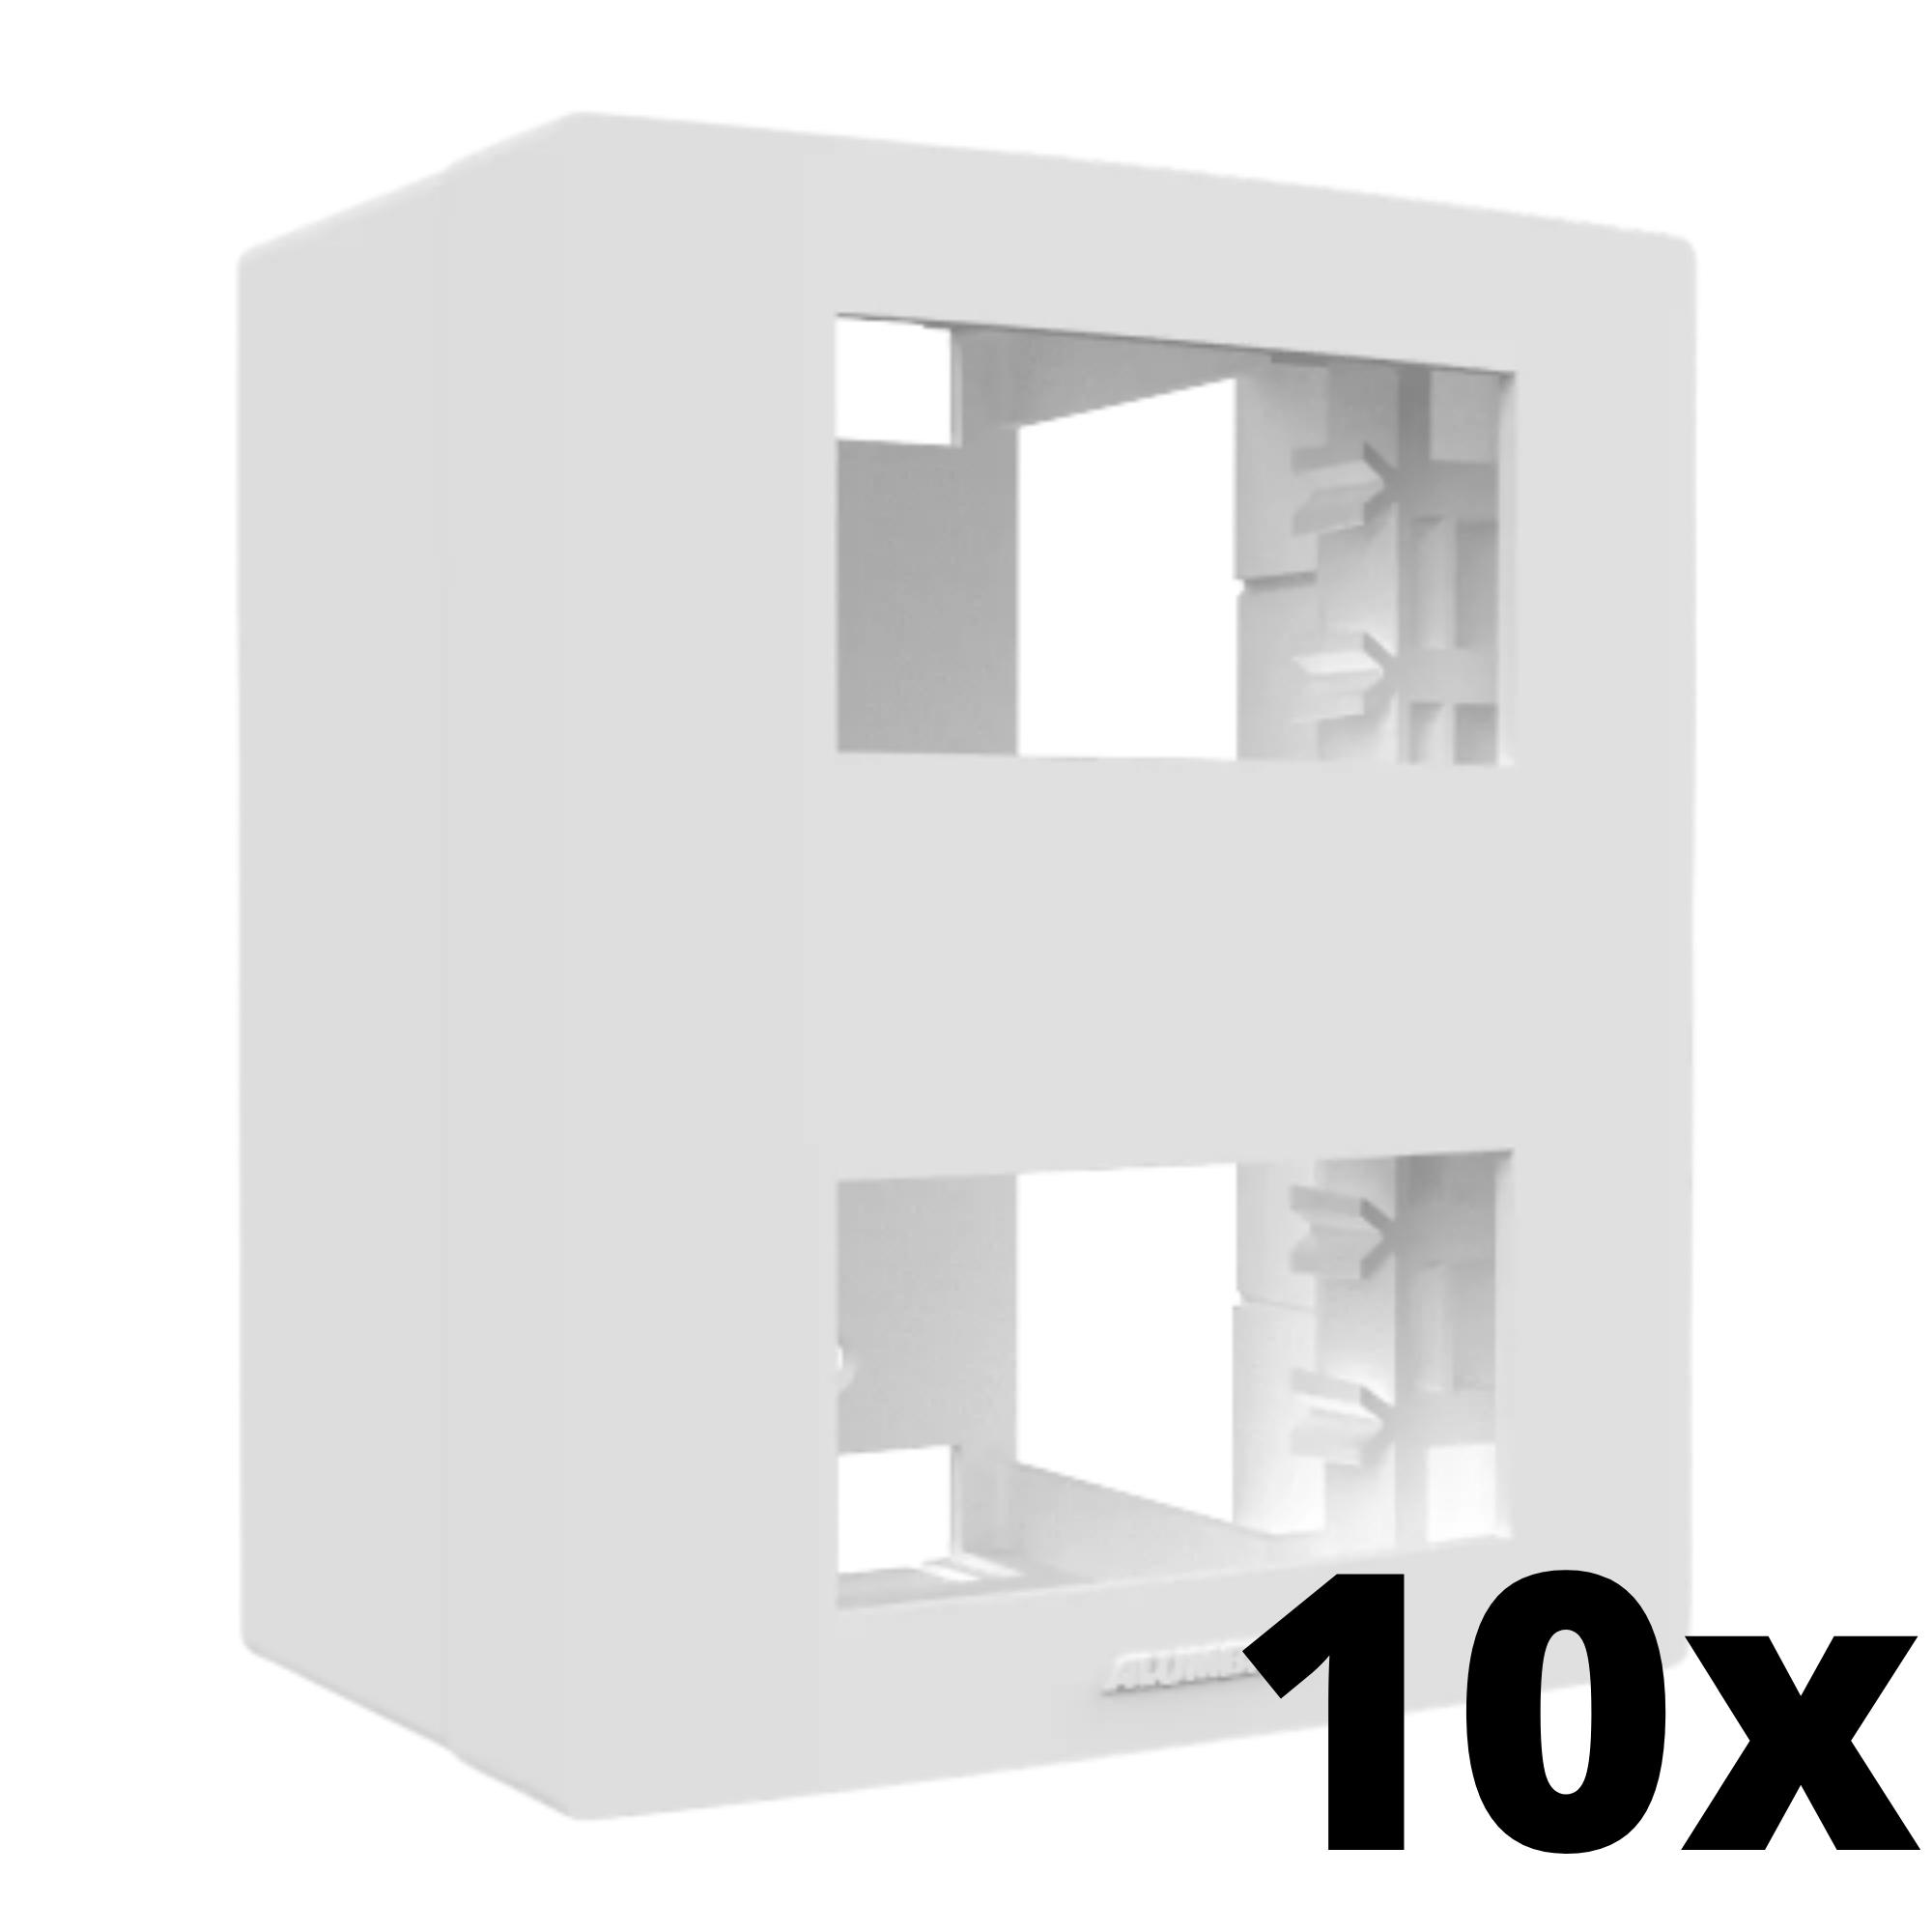 Kit 10 und Inova Pró Caixa Externa Para 2 Módulos